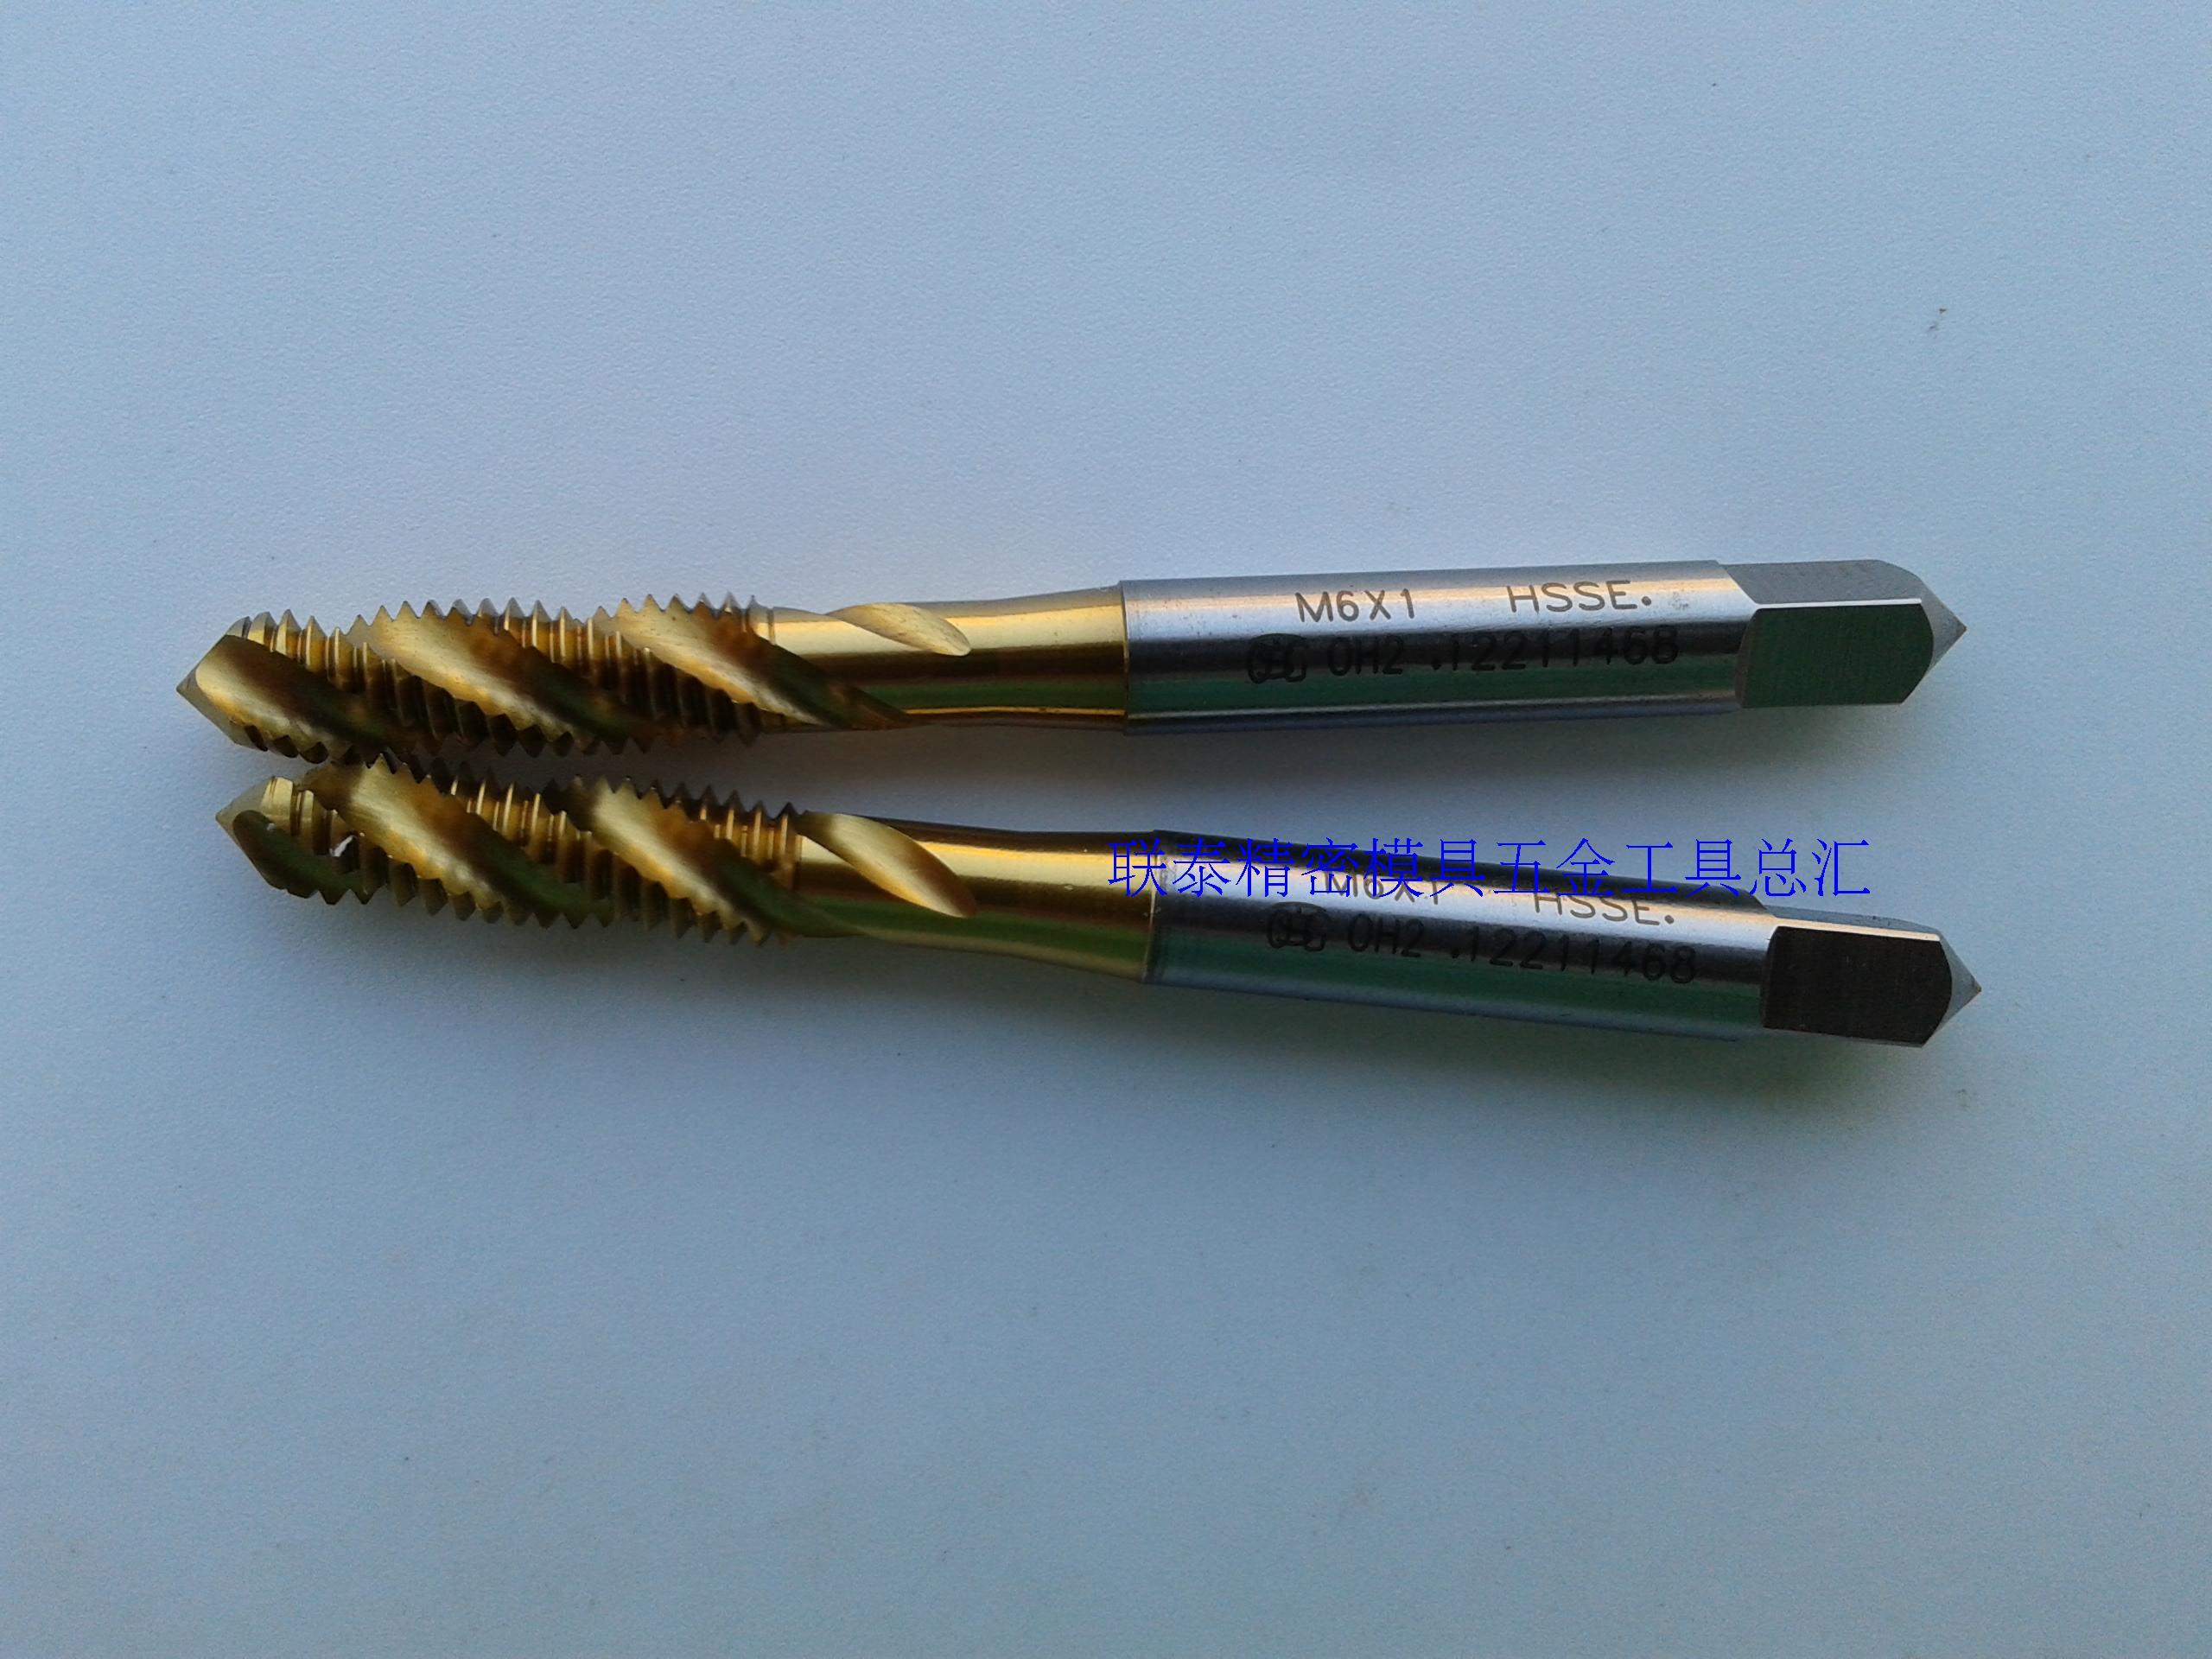 Taiwan Dabao imported TOSG titanium spiral screw fine thread 0.50.751.0 M6M7M8M9M10M12